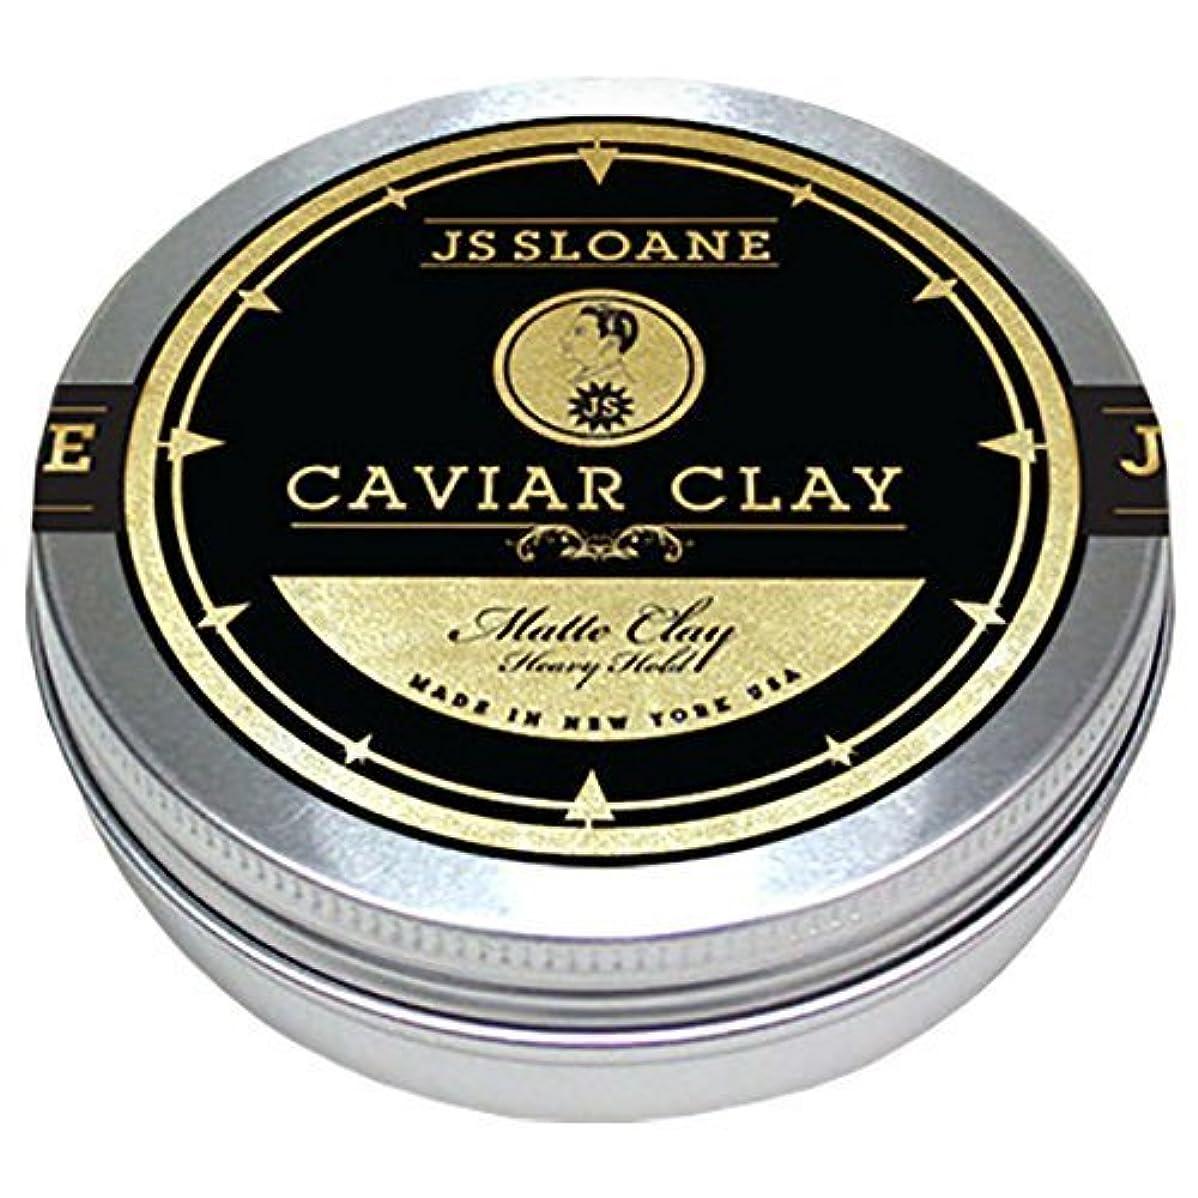 昇進静めるほこりっぽいJS Sloane, マットクレイポマード, MATTE CLAY POMADE/3.4oz (100g), 水性ポマード(ヘアグリース) 整髪料